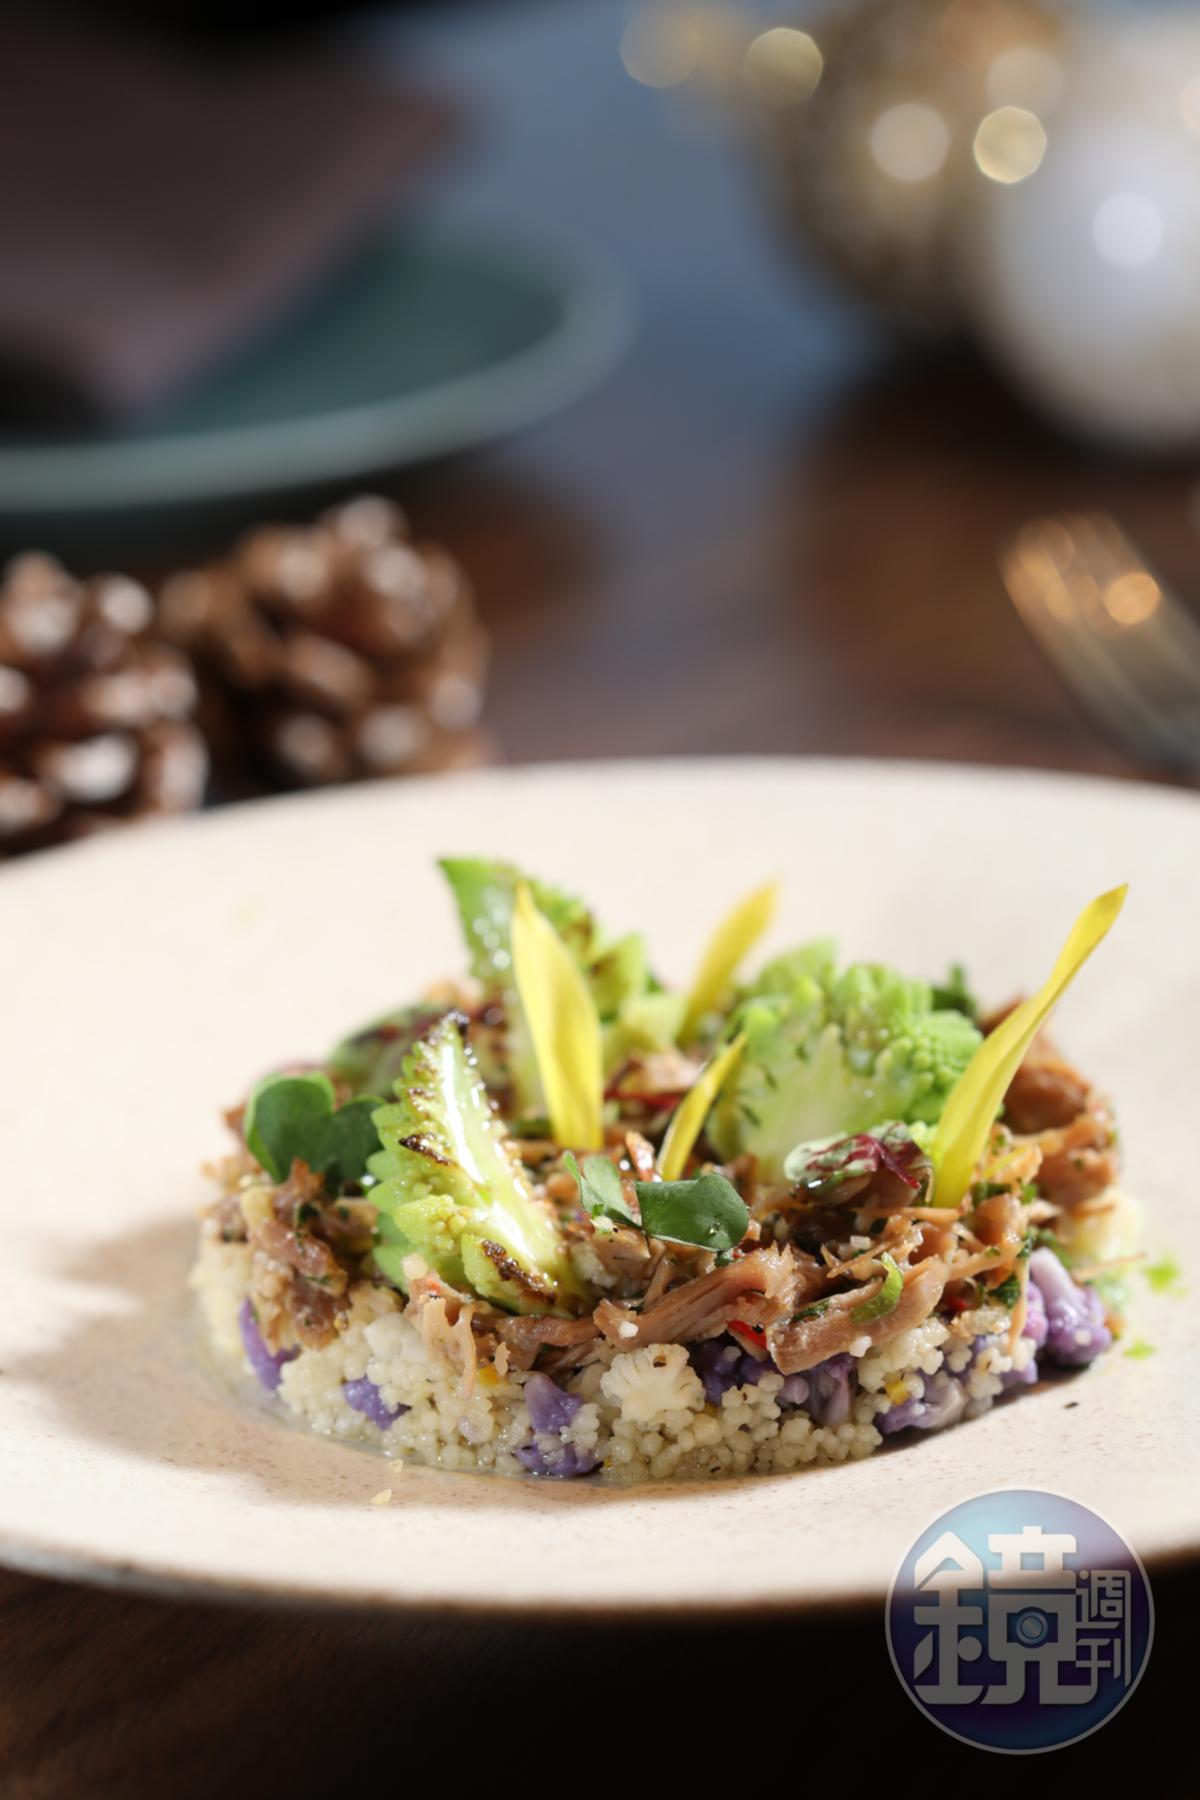 肉質軟嫩的「功夫火雞腿(油封火雞腿/ 花椰菜/ 油炸乾蔥)」,調味帶有亞洲風情。(9,999元耶誕雙人套餐菜色)